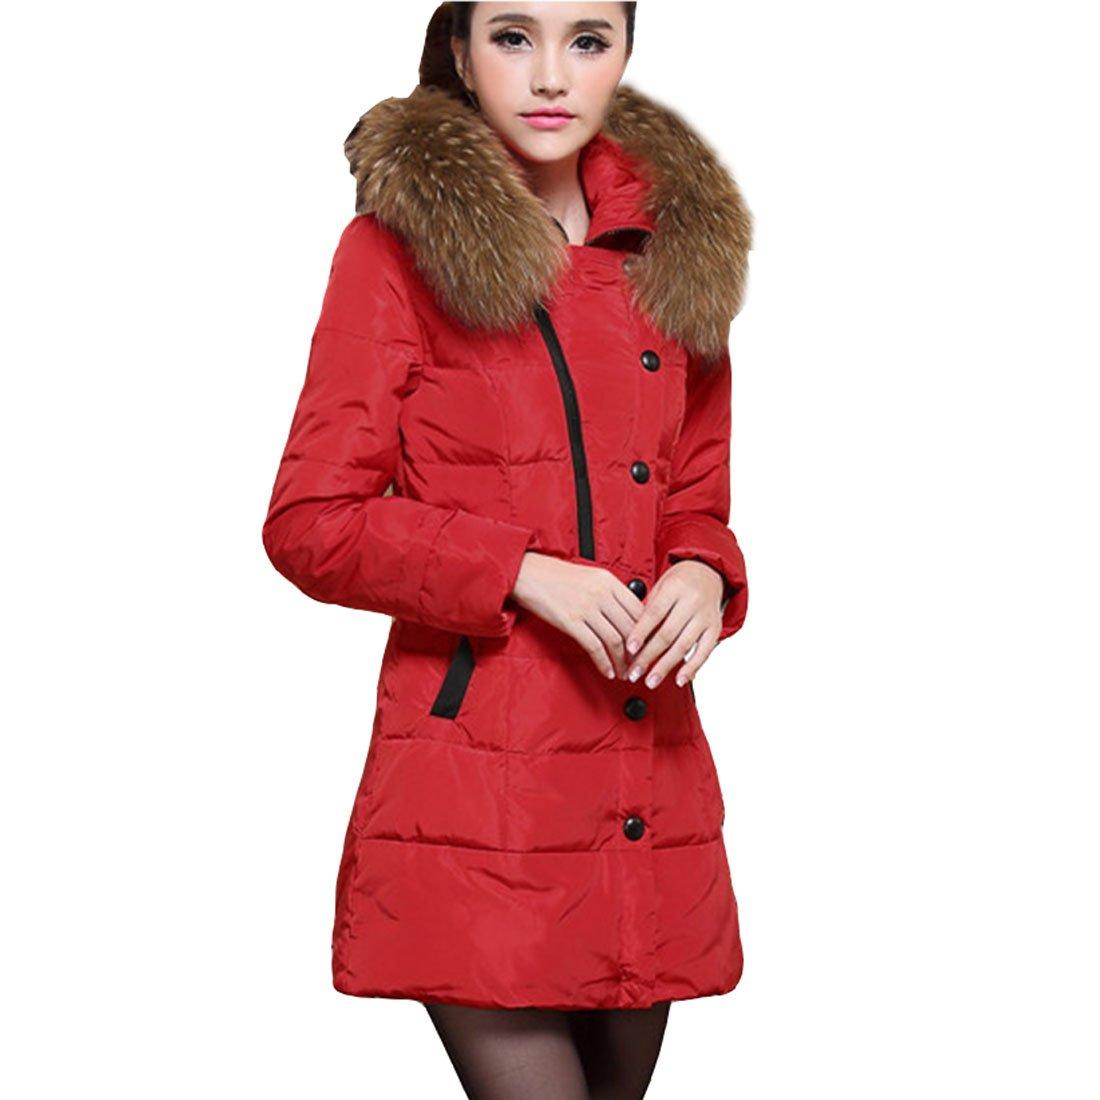 Cozy Age Womens Faux Fur Down Coat Amazon.com